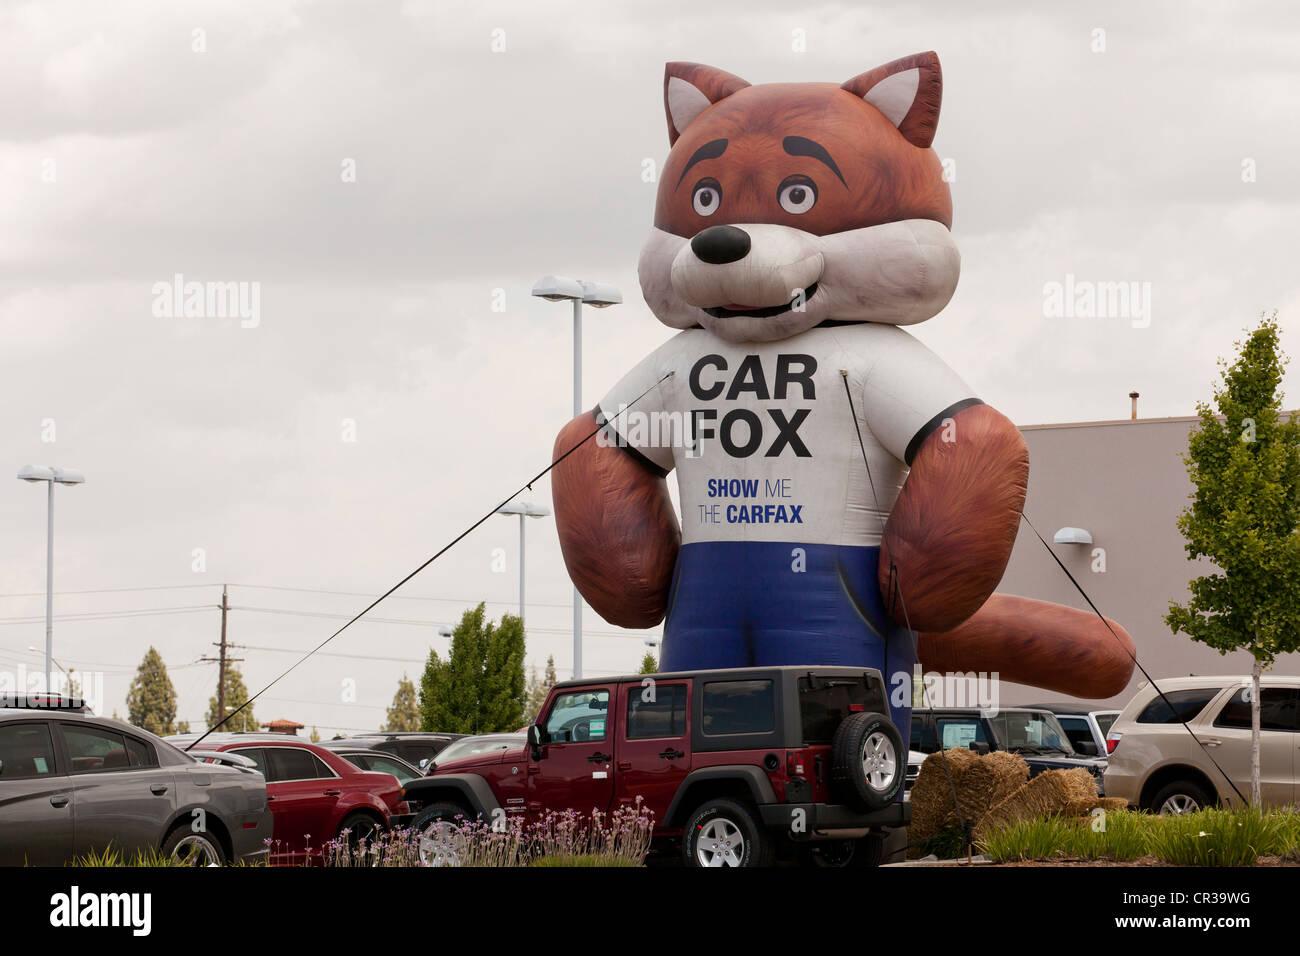 Carfax Carfox balloon display at a used car sales lot - California ...